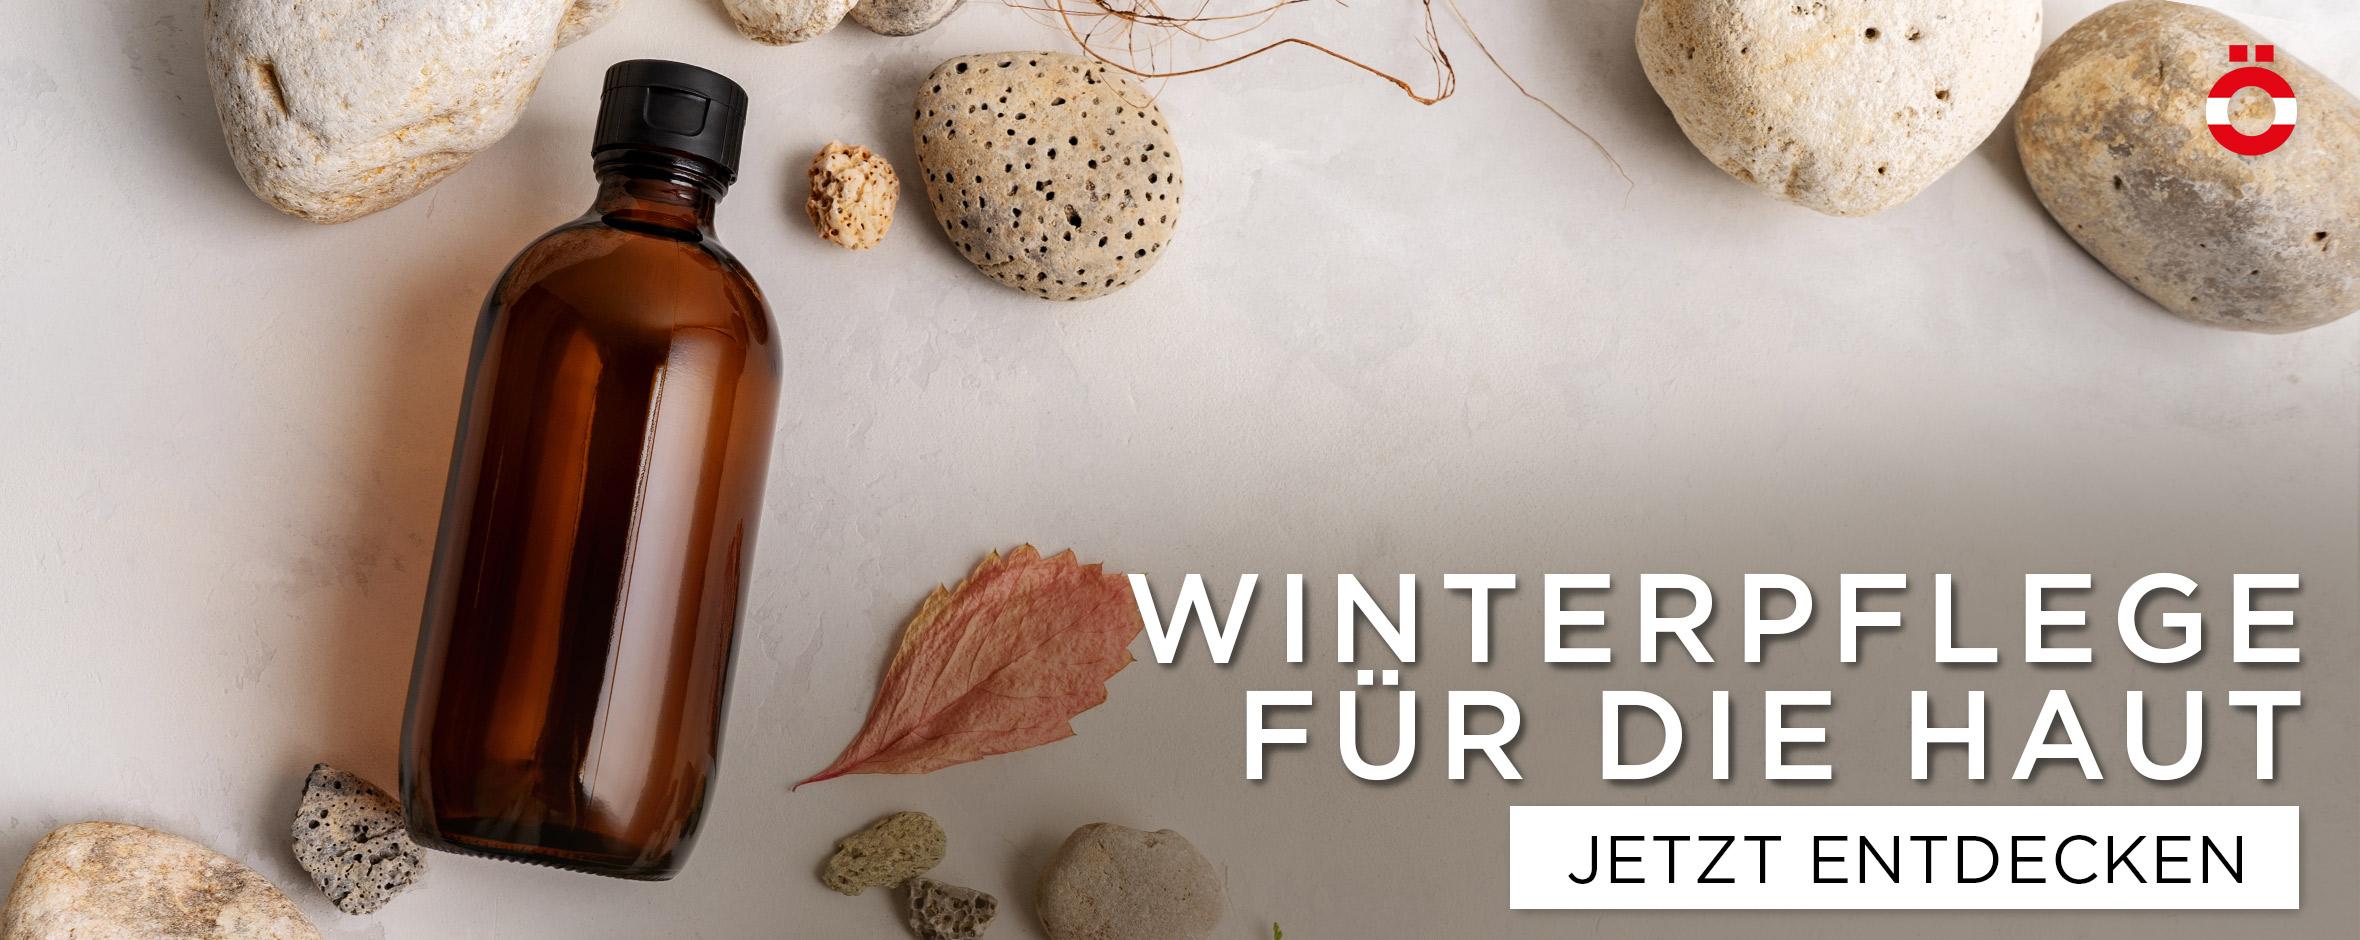 Winterpflege für die Haut  - shöpping.at